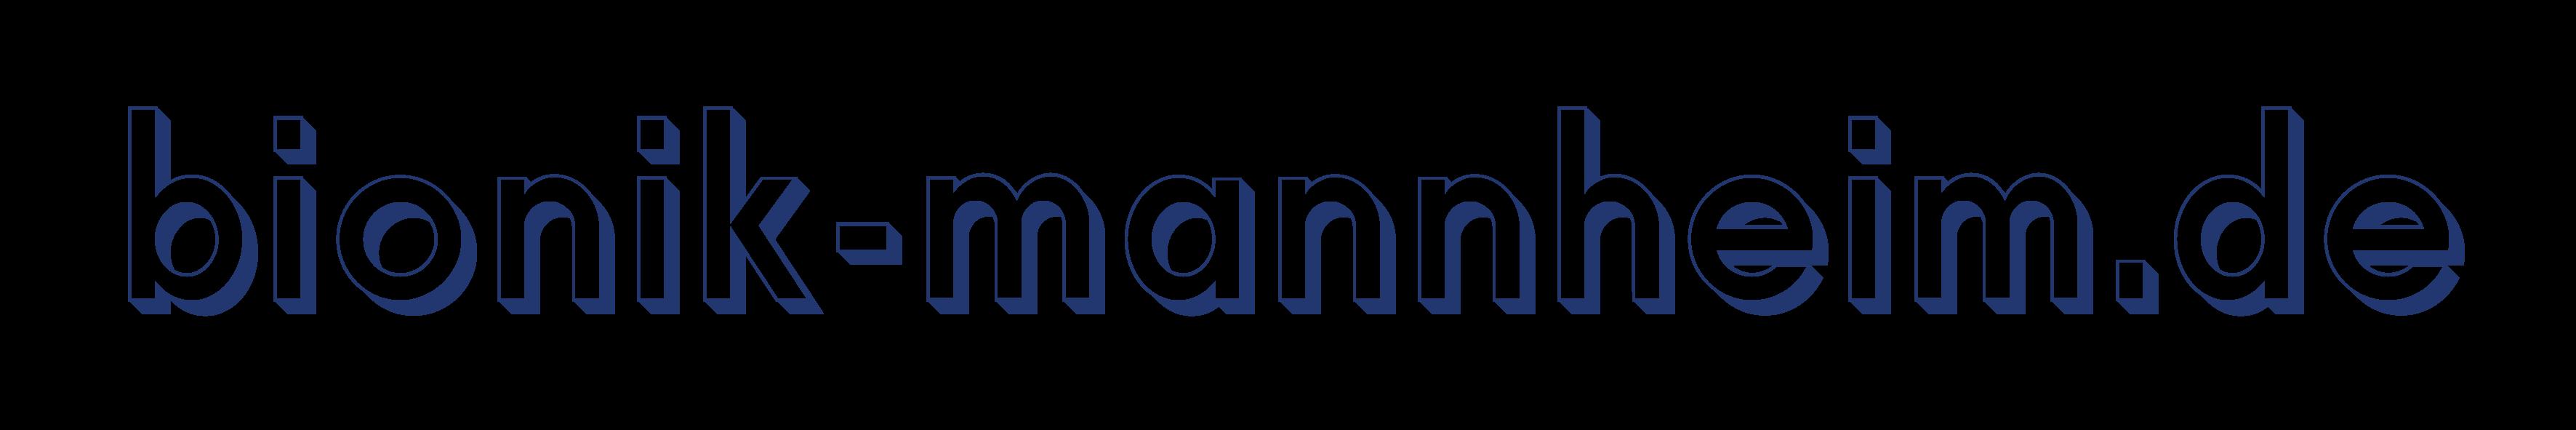 Bionik Mannheim